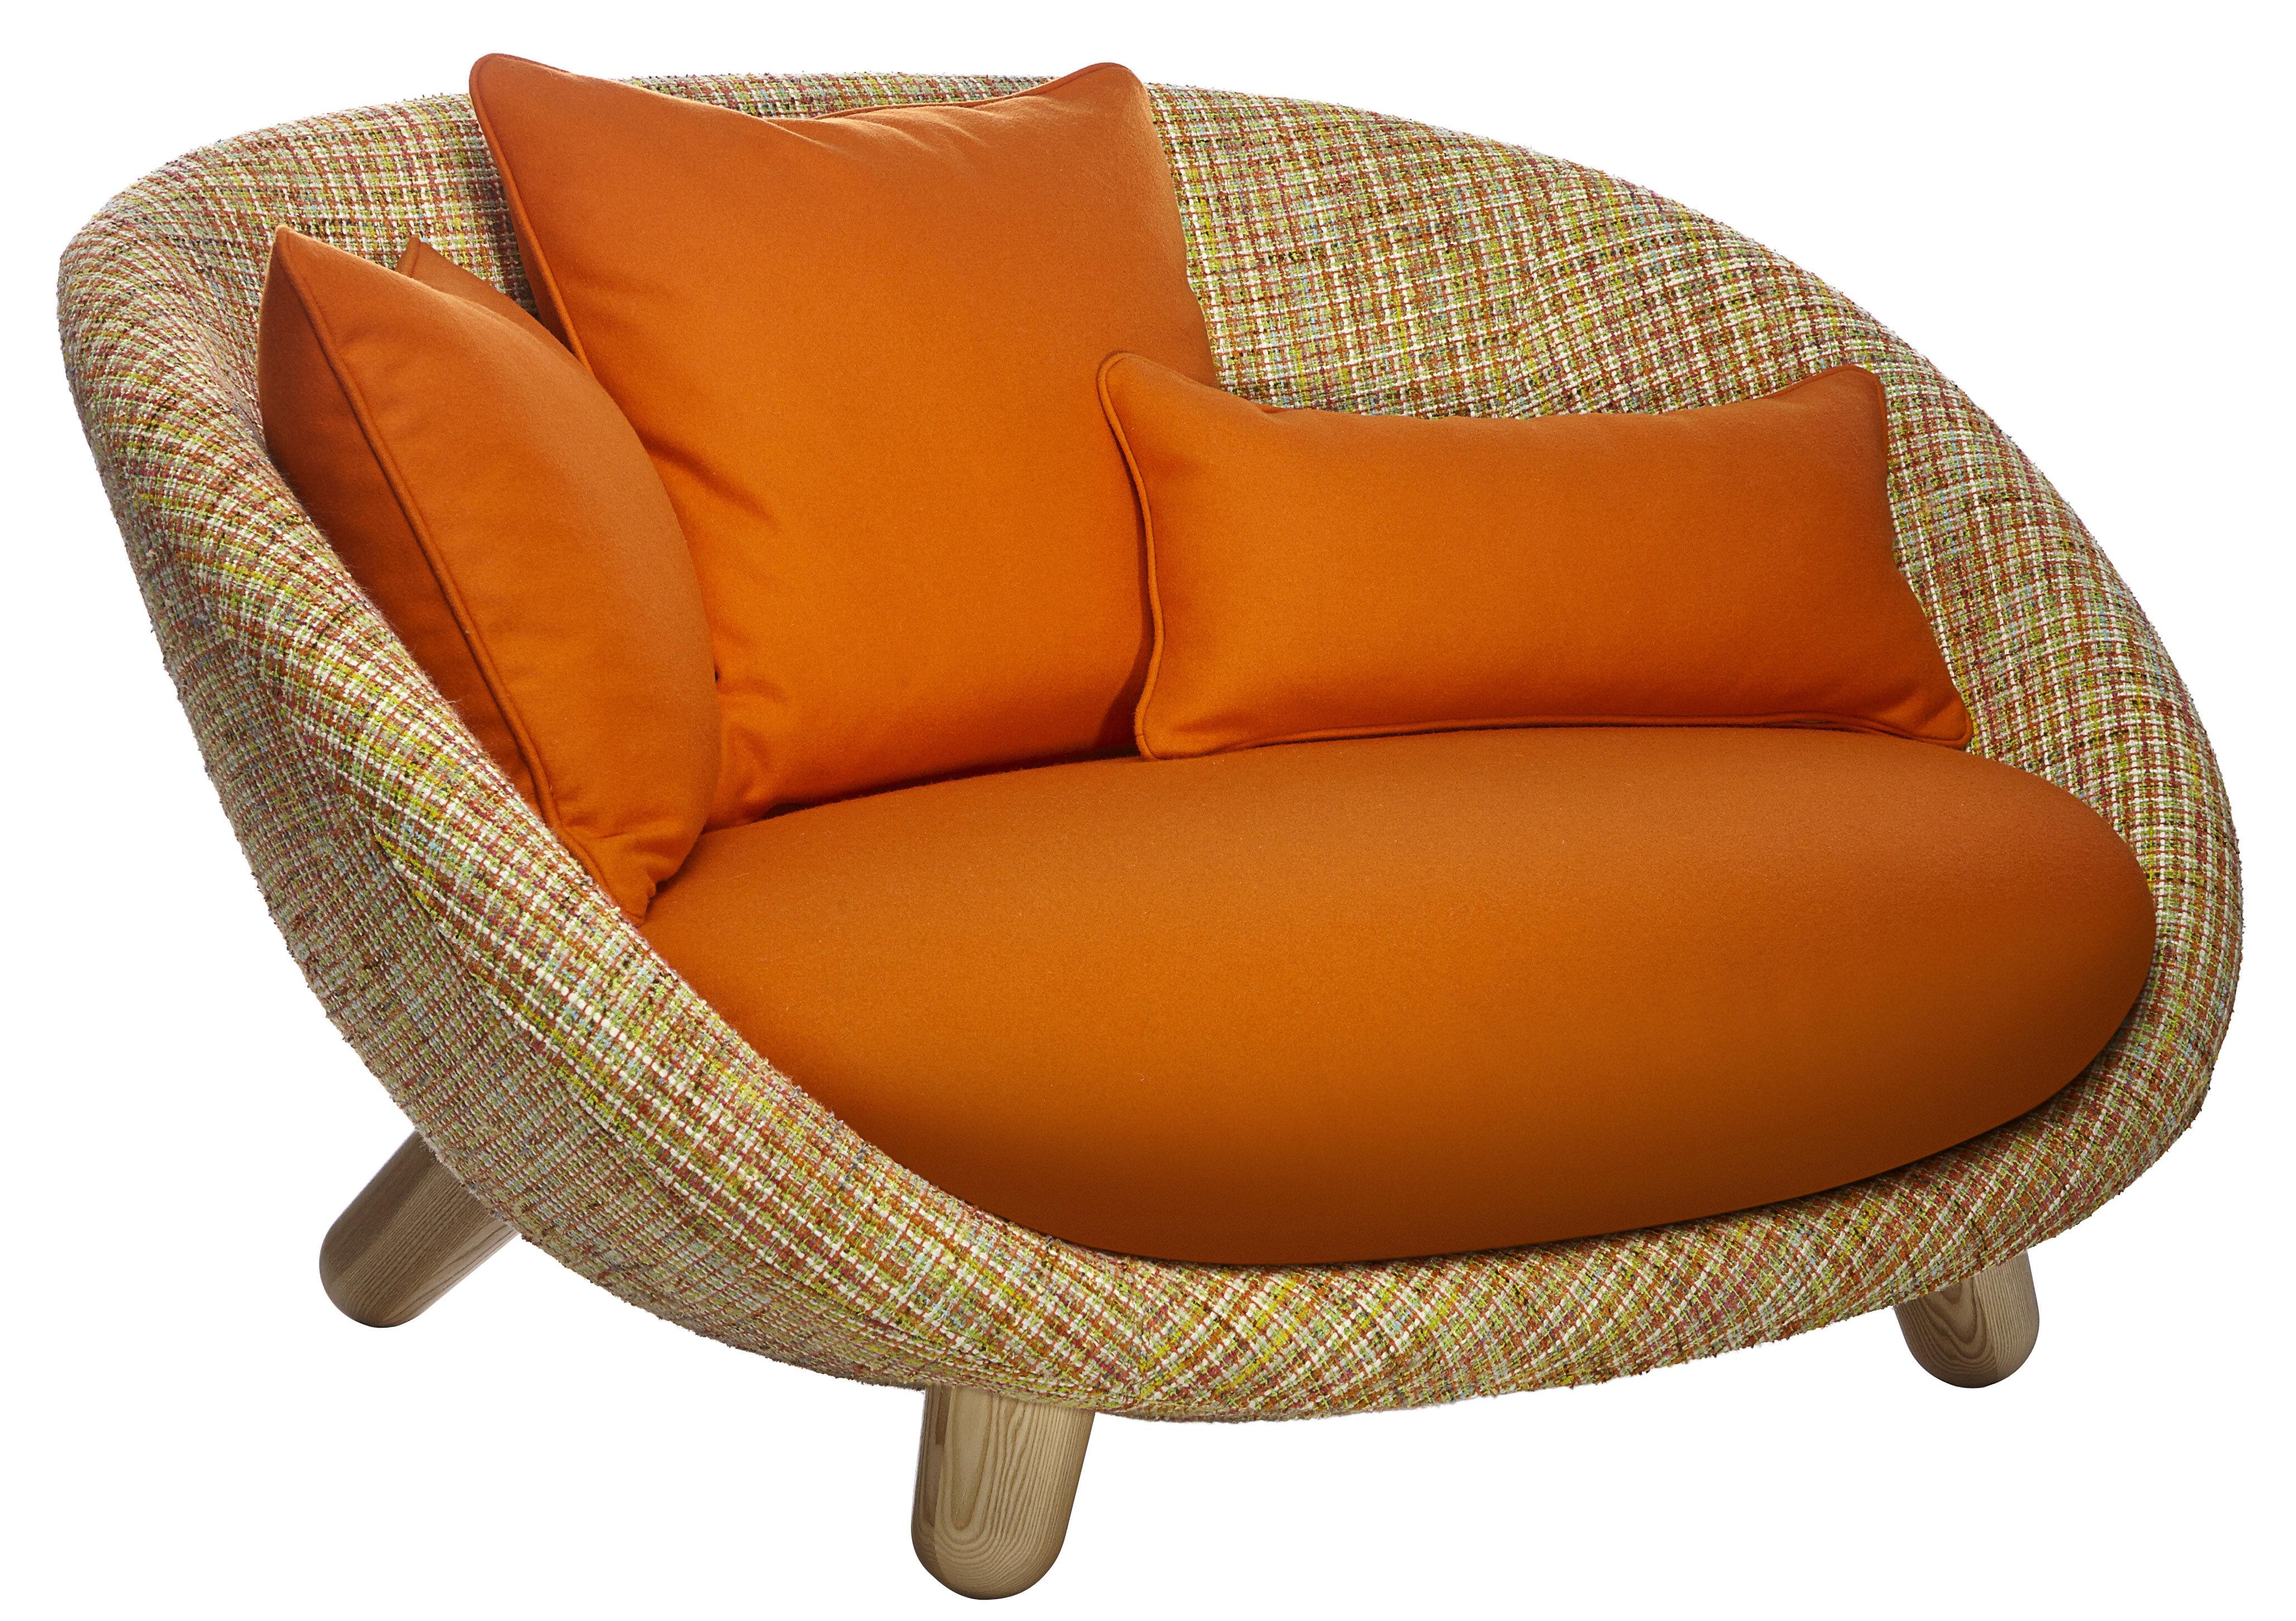 Canap droit love 2 places l 130 cm multicolore coussins orange pieds - Canape style africain ...